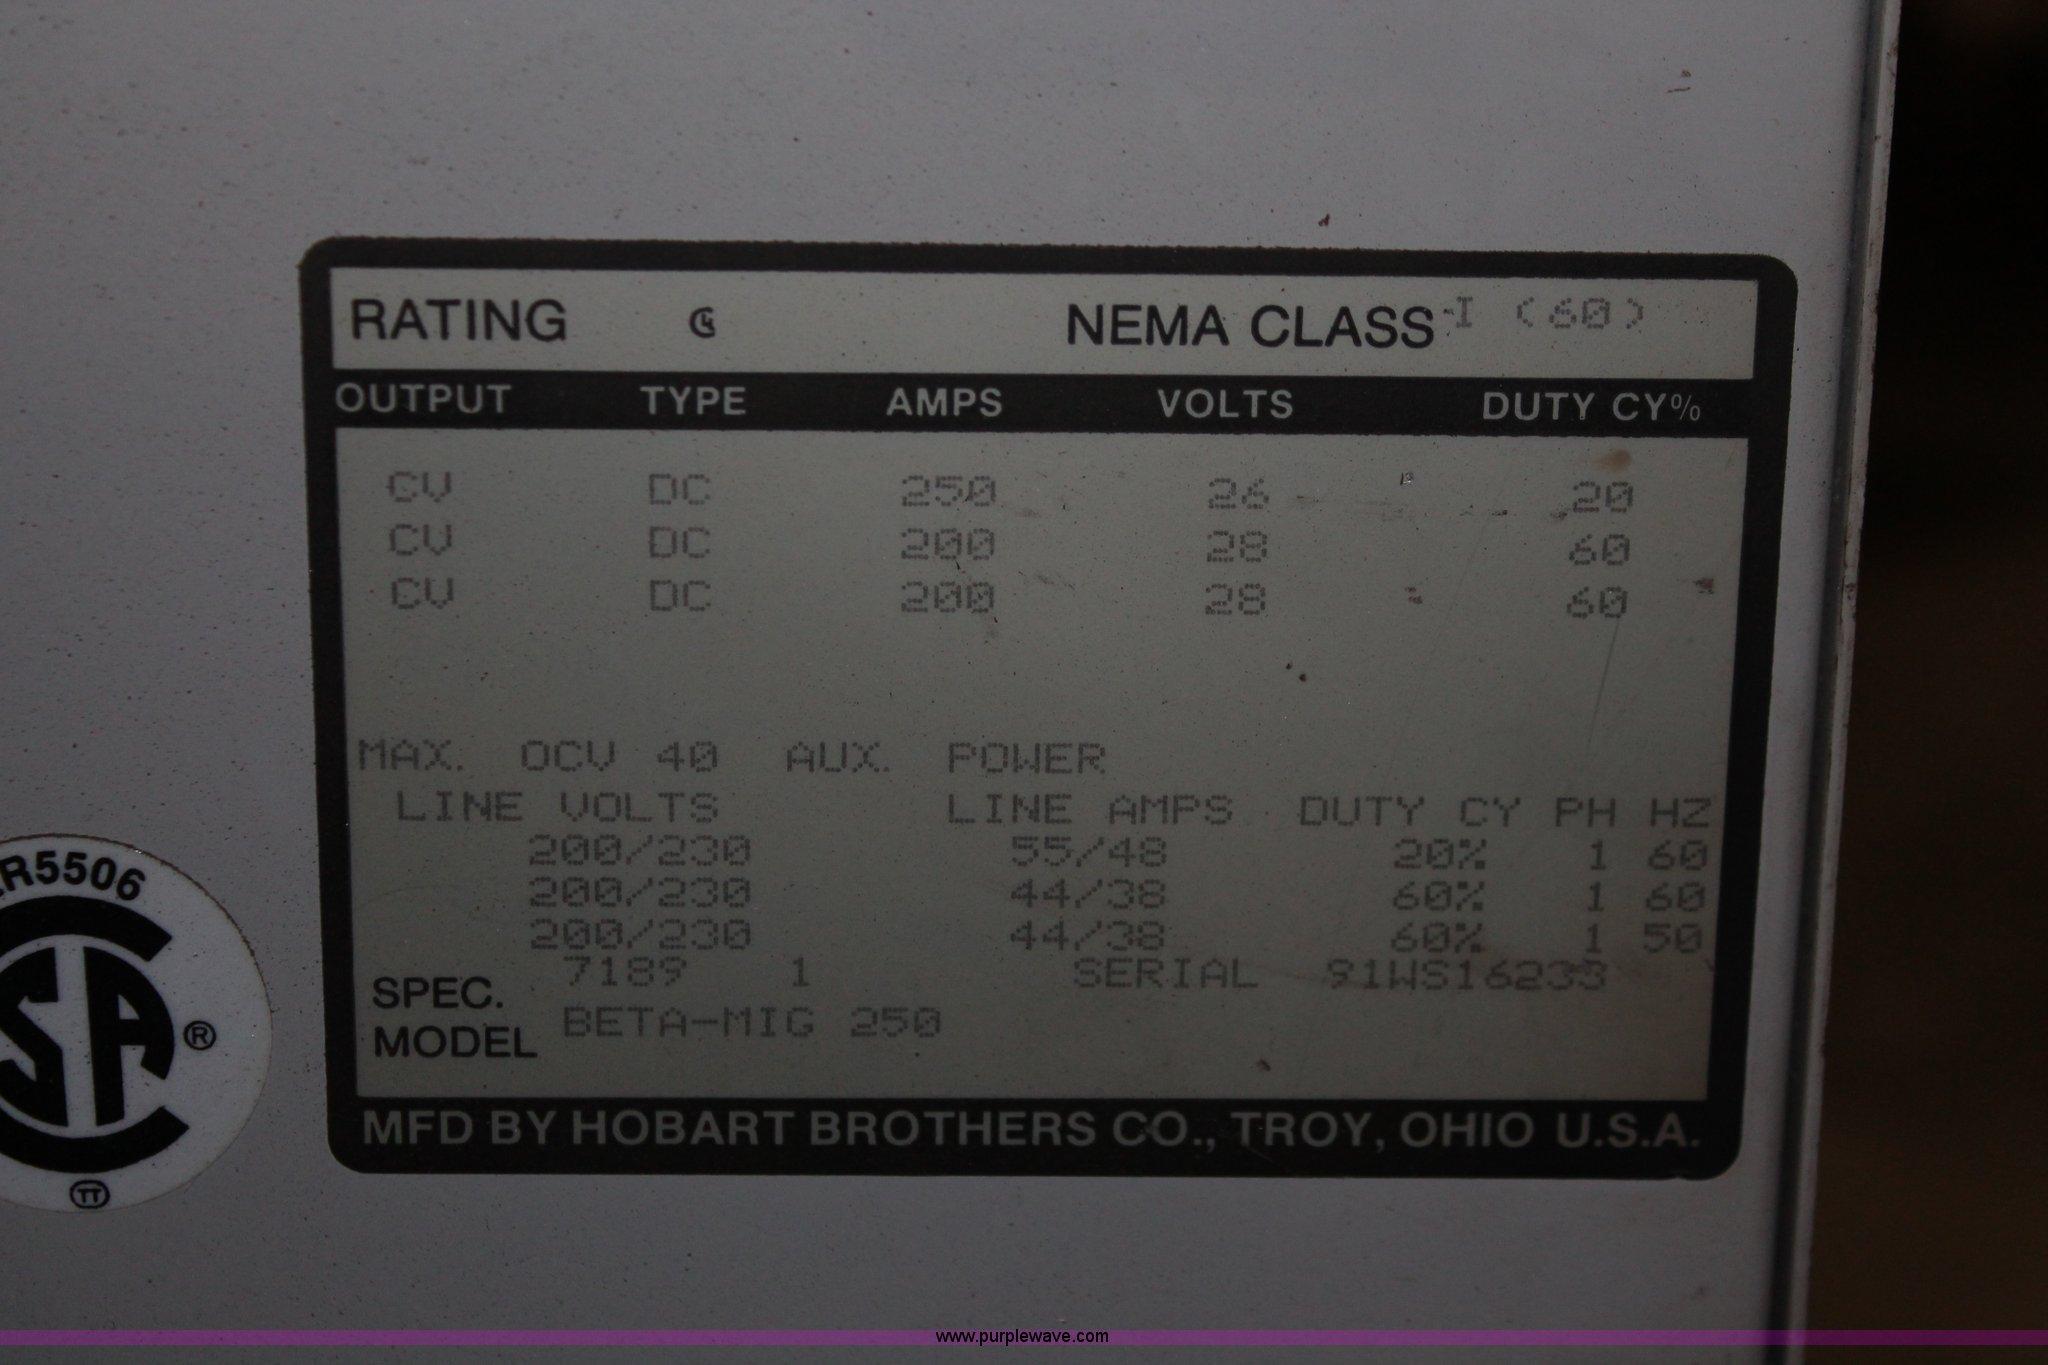 Hobart Beta-Mig 250 CV power source wire feed welder ...